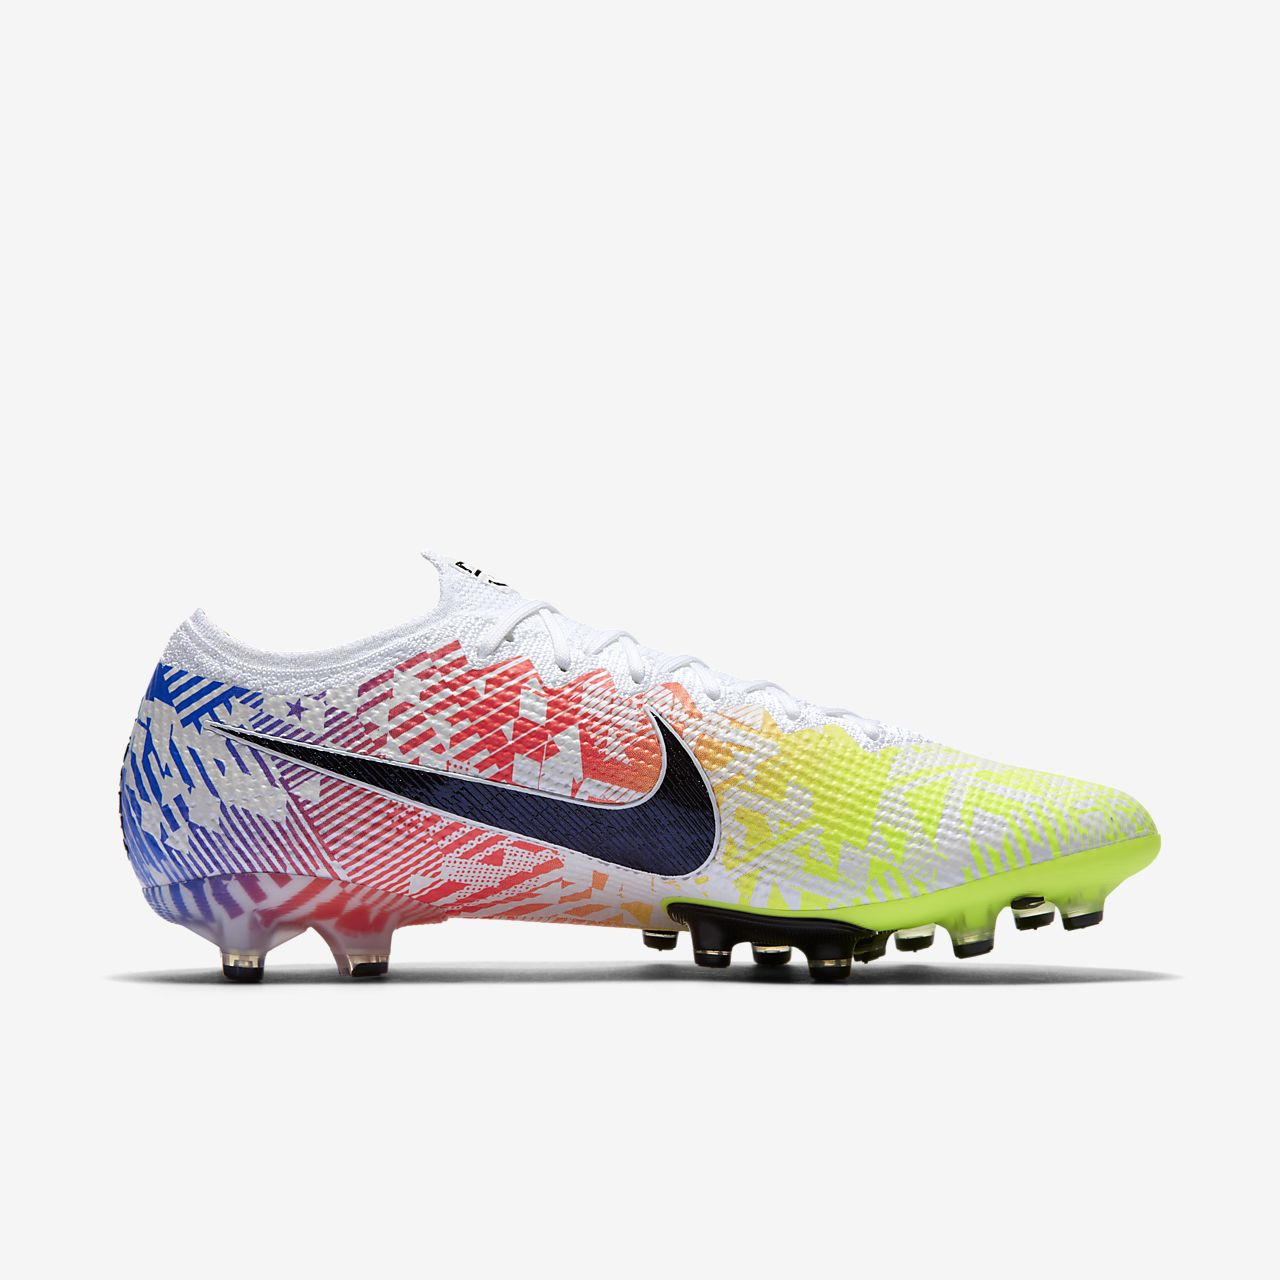 Nike Mercurial Vapor 13 Elite Neymar Jr. AG PRO fotballsko til kunstgress